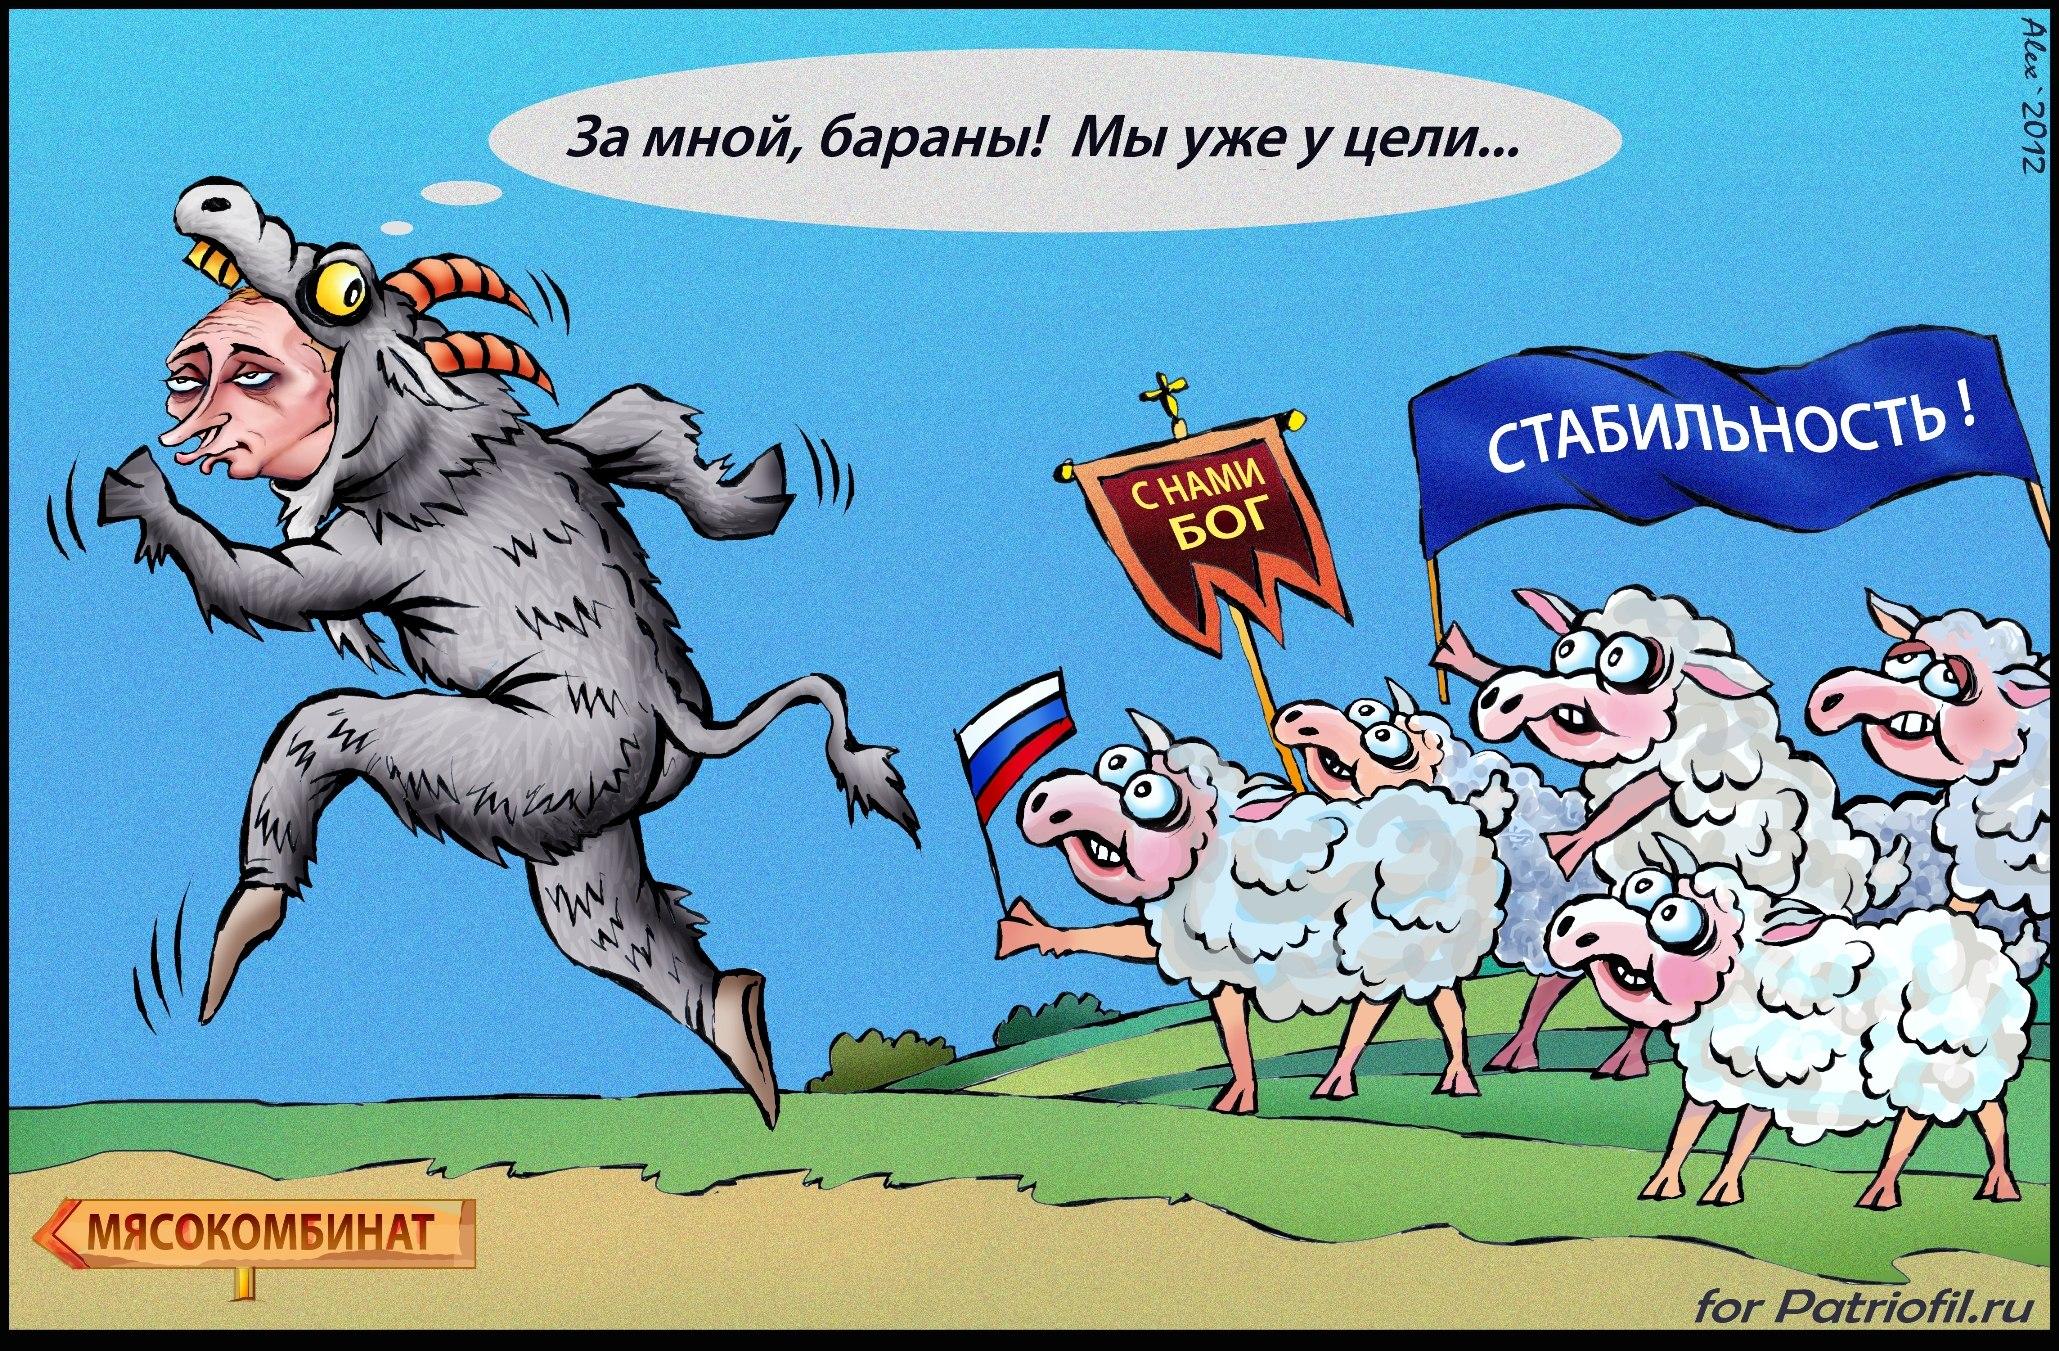 Украинские воины усилили блокпосты и ведут патрулирование на Луганщине, чтобы предотвратить провокации на местных выборах, - Ткачук - Цензор.НЕТ 2214